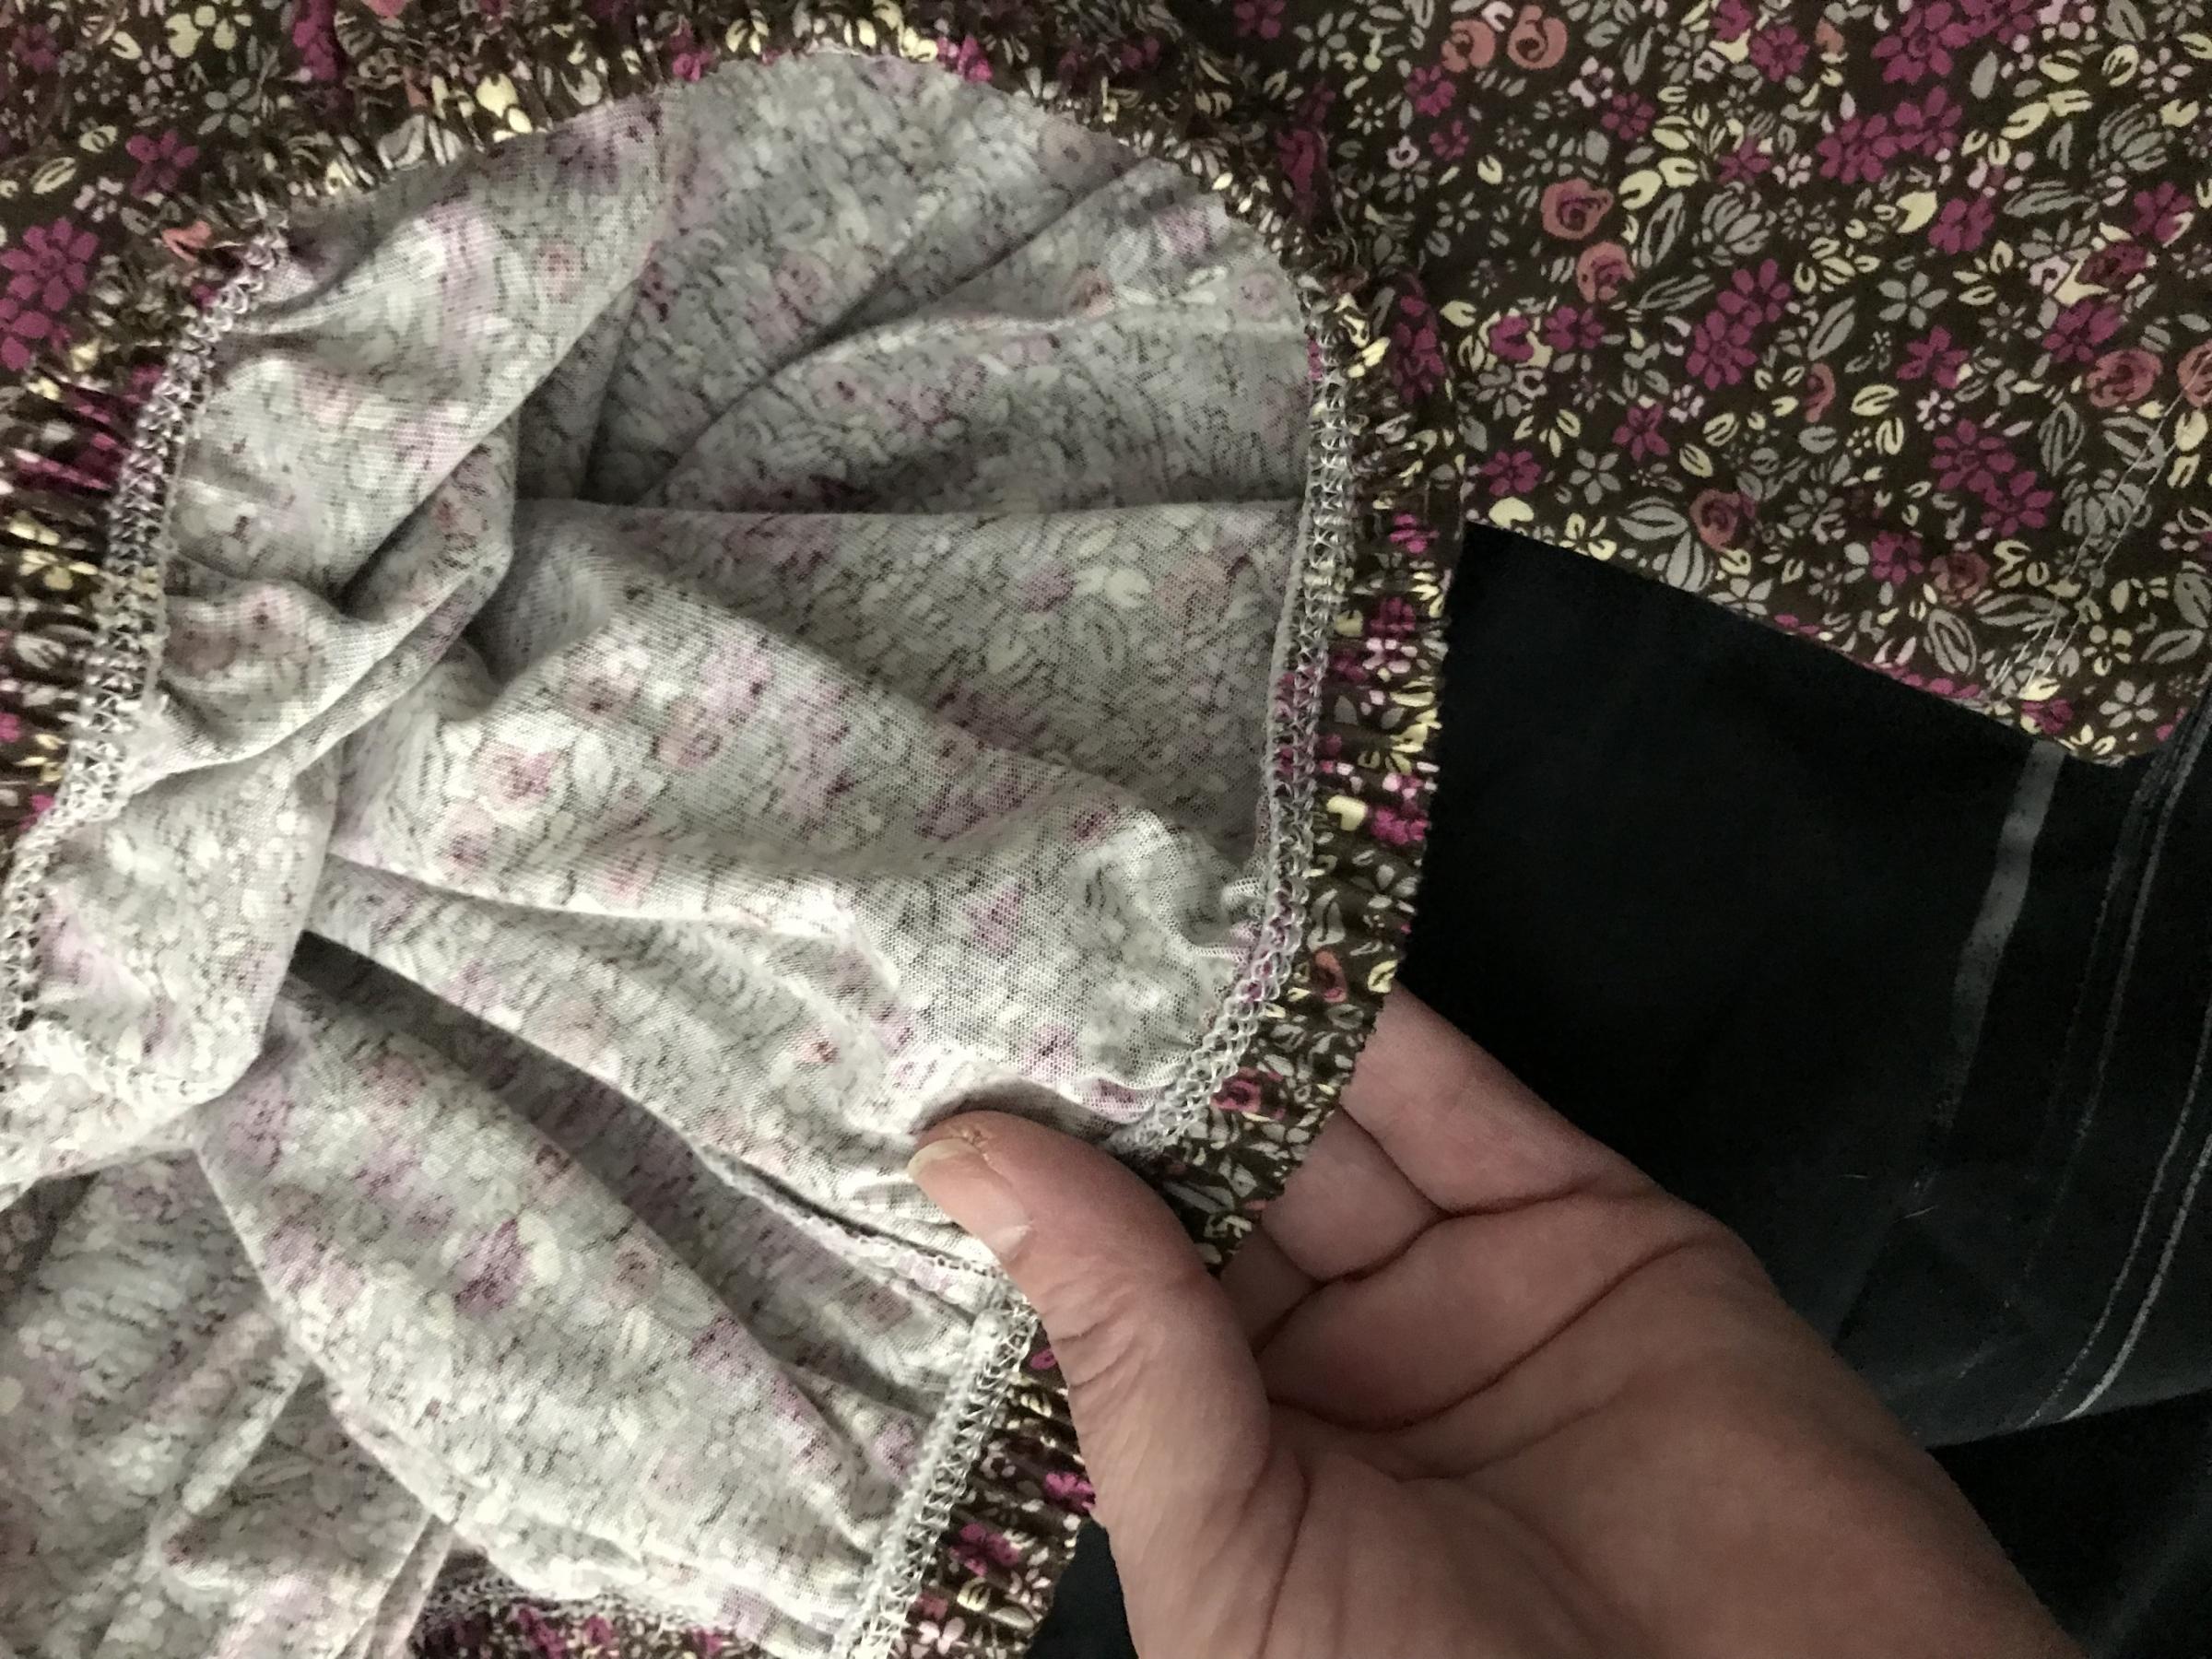 Comfortable woman's cotton pajama bottoms